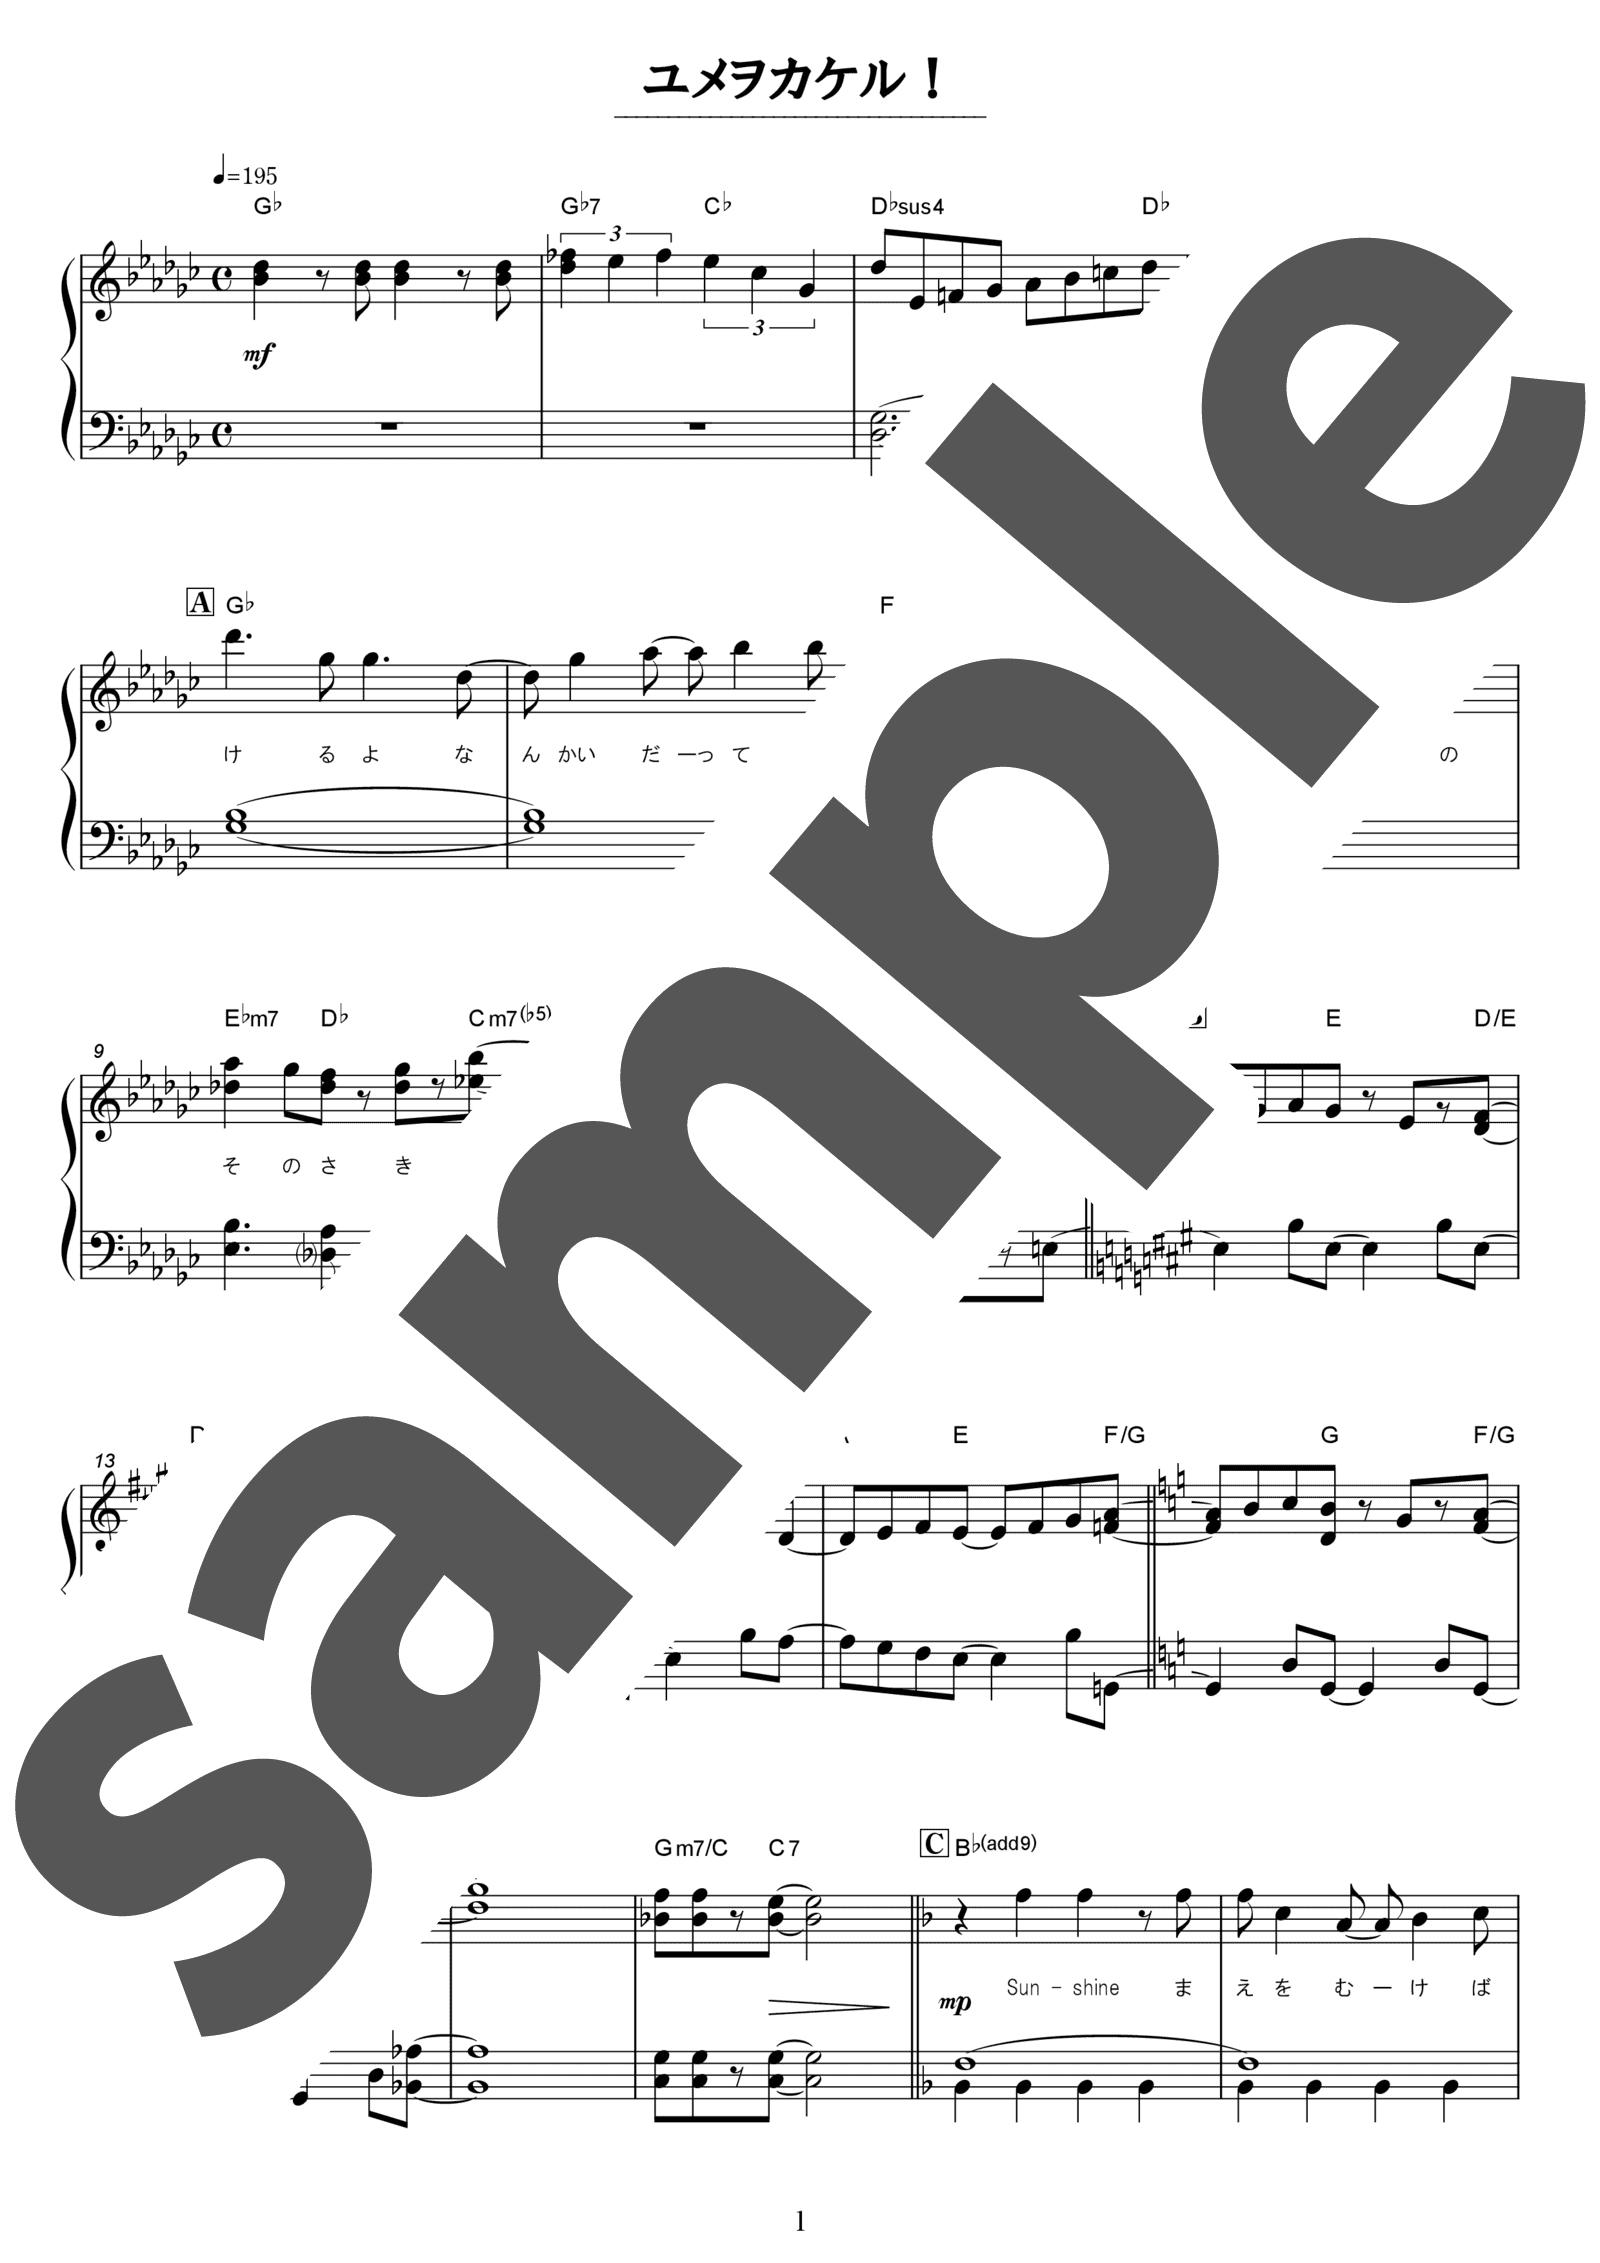 「ユメヲカケル!」のサンプル楽譜